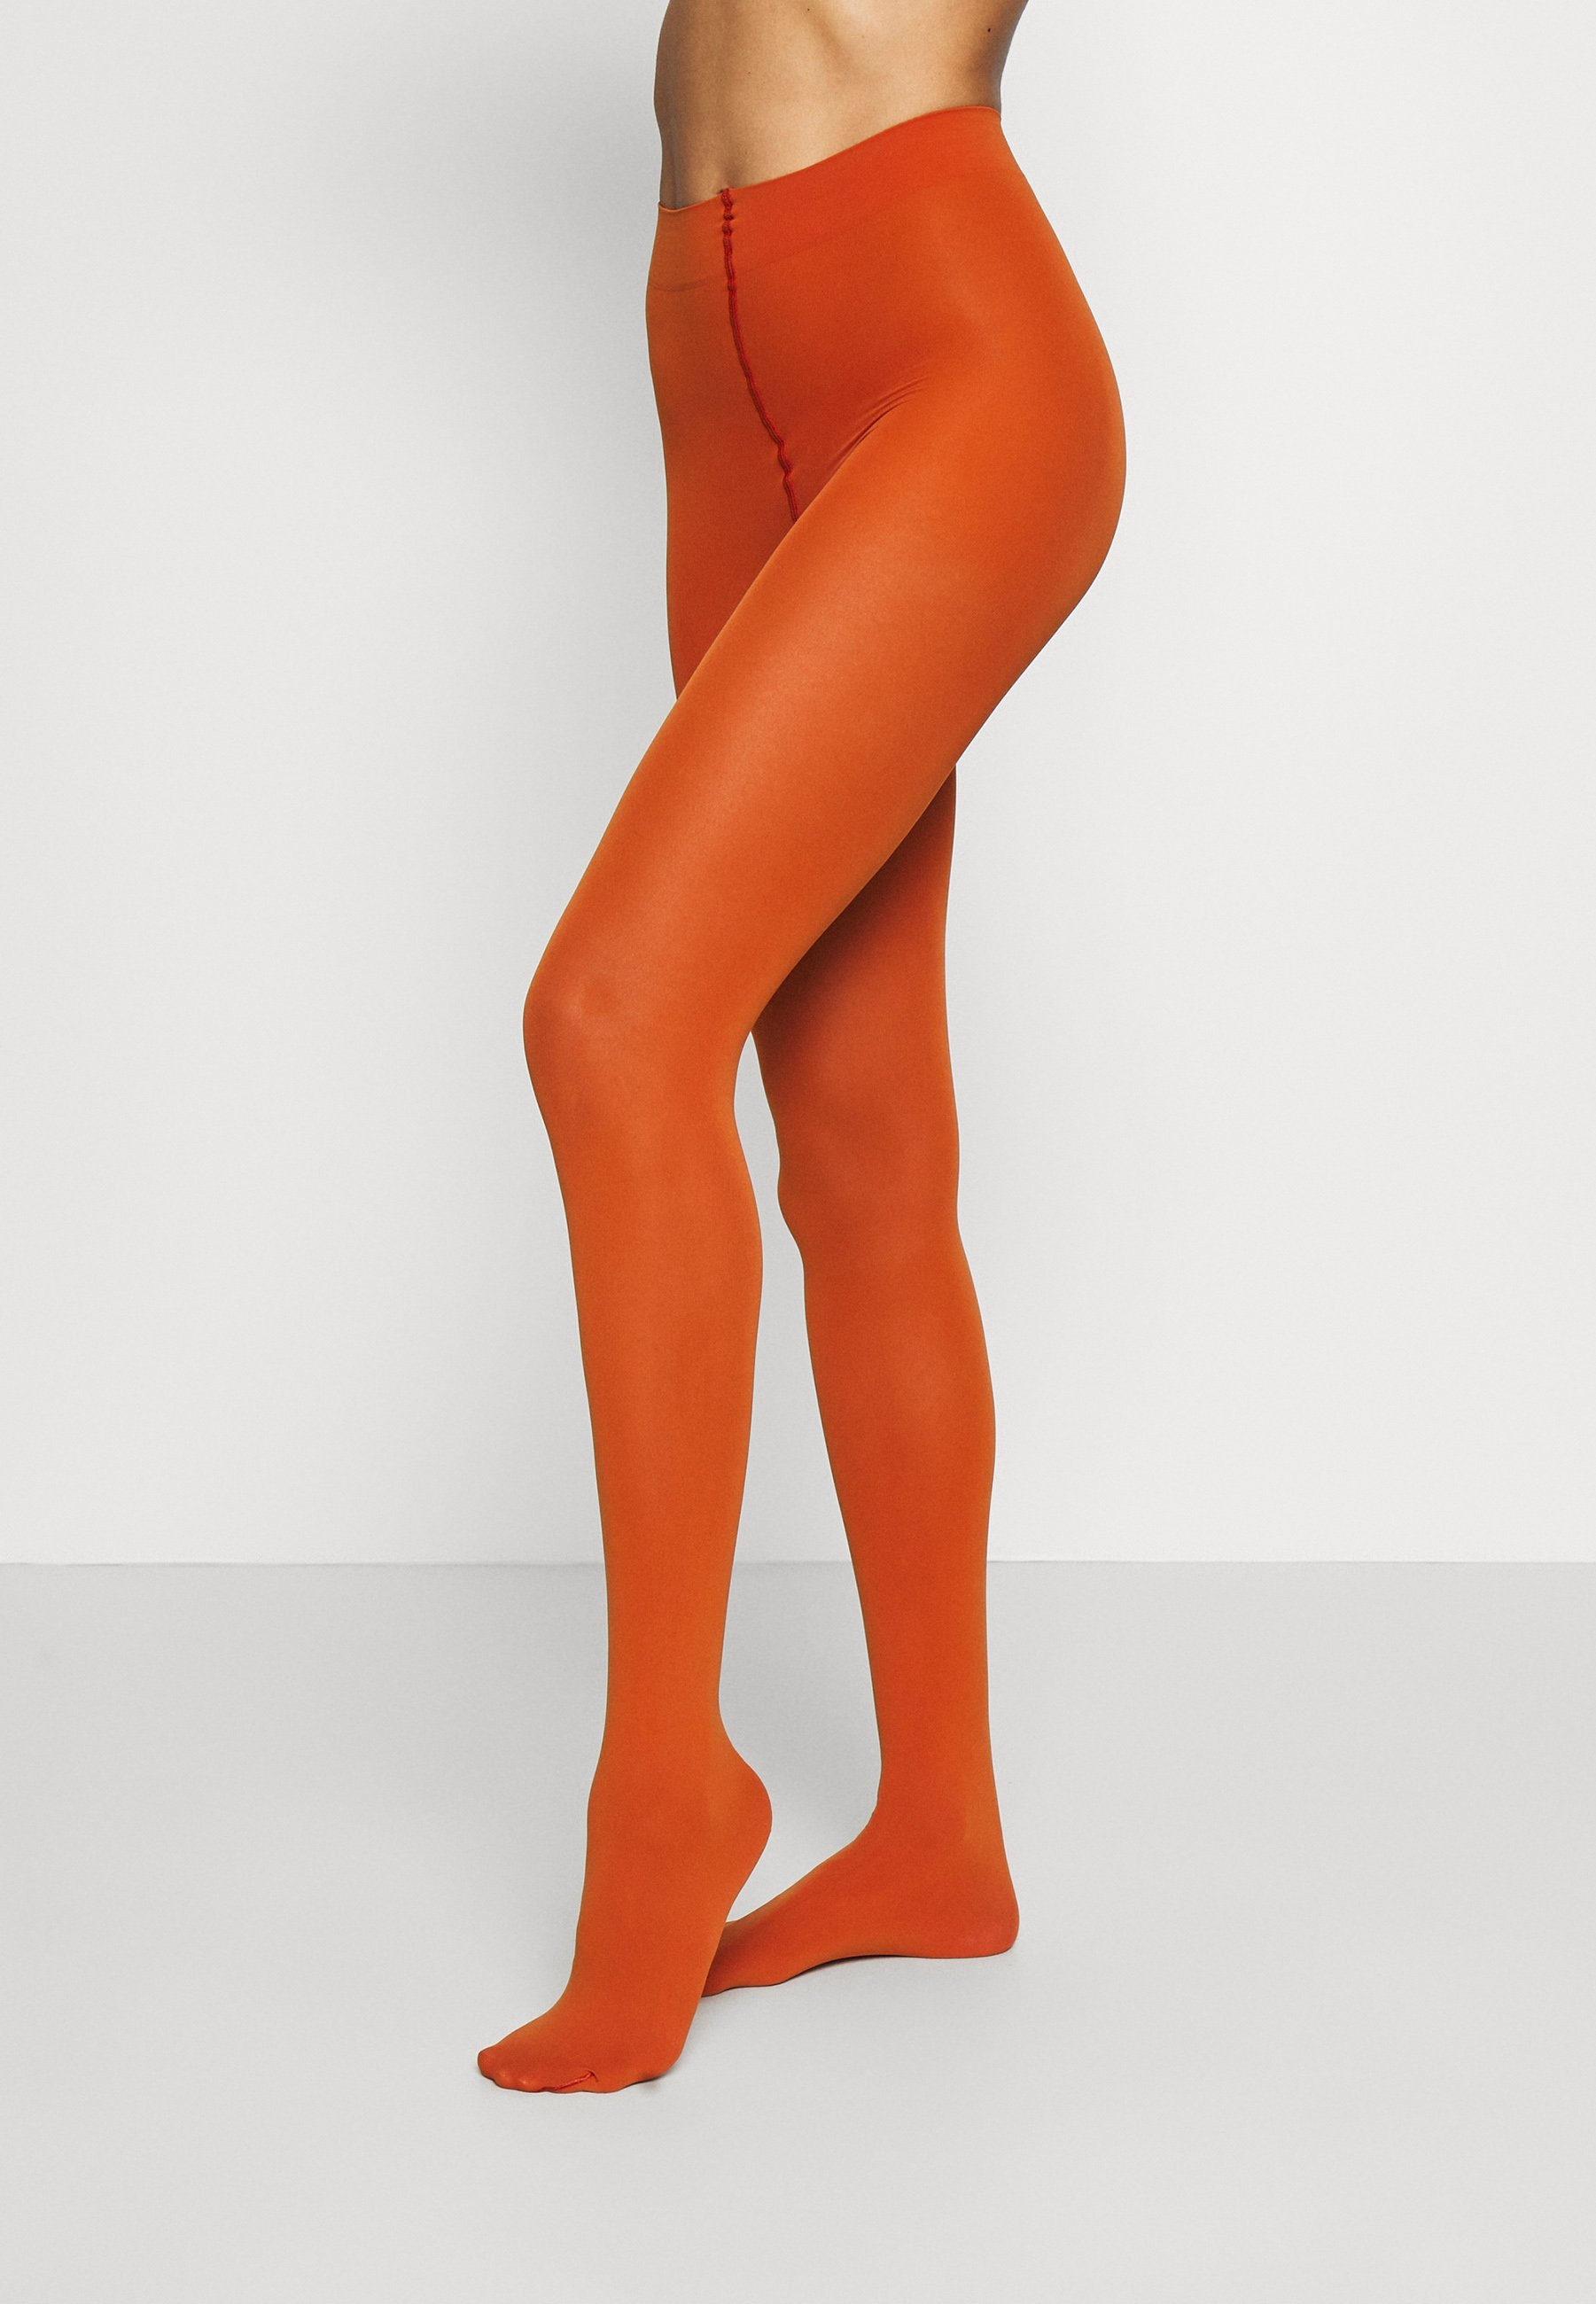 Rote Strumpfhosen für Damen online kaufen | Perfektion für